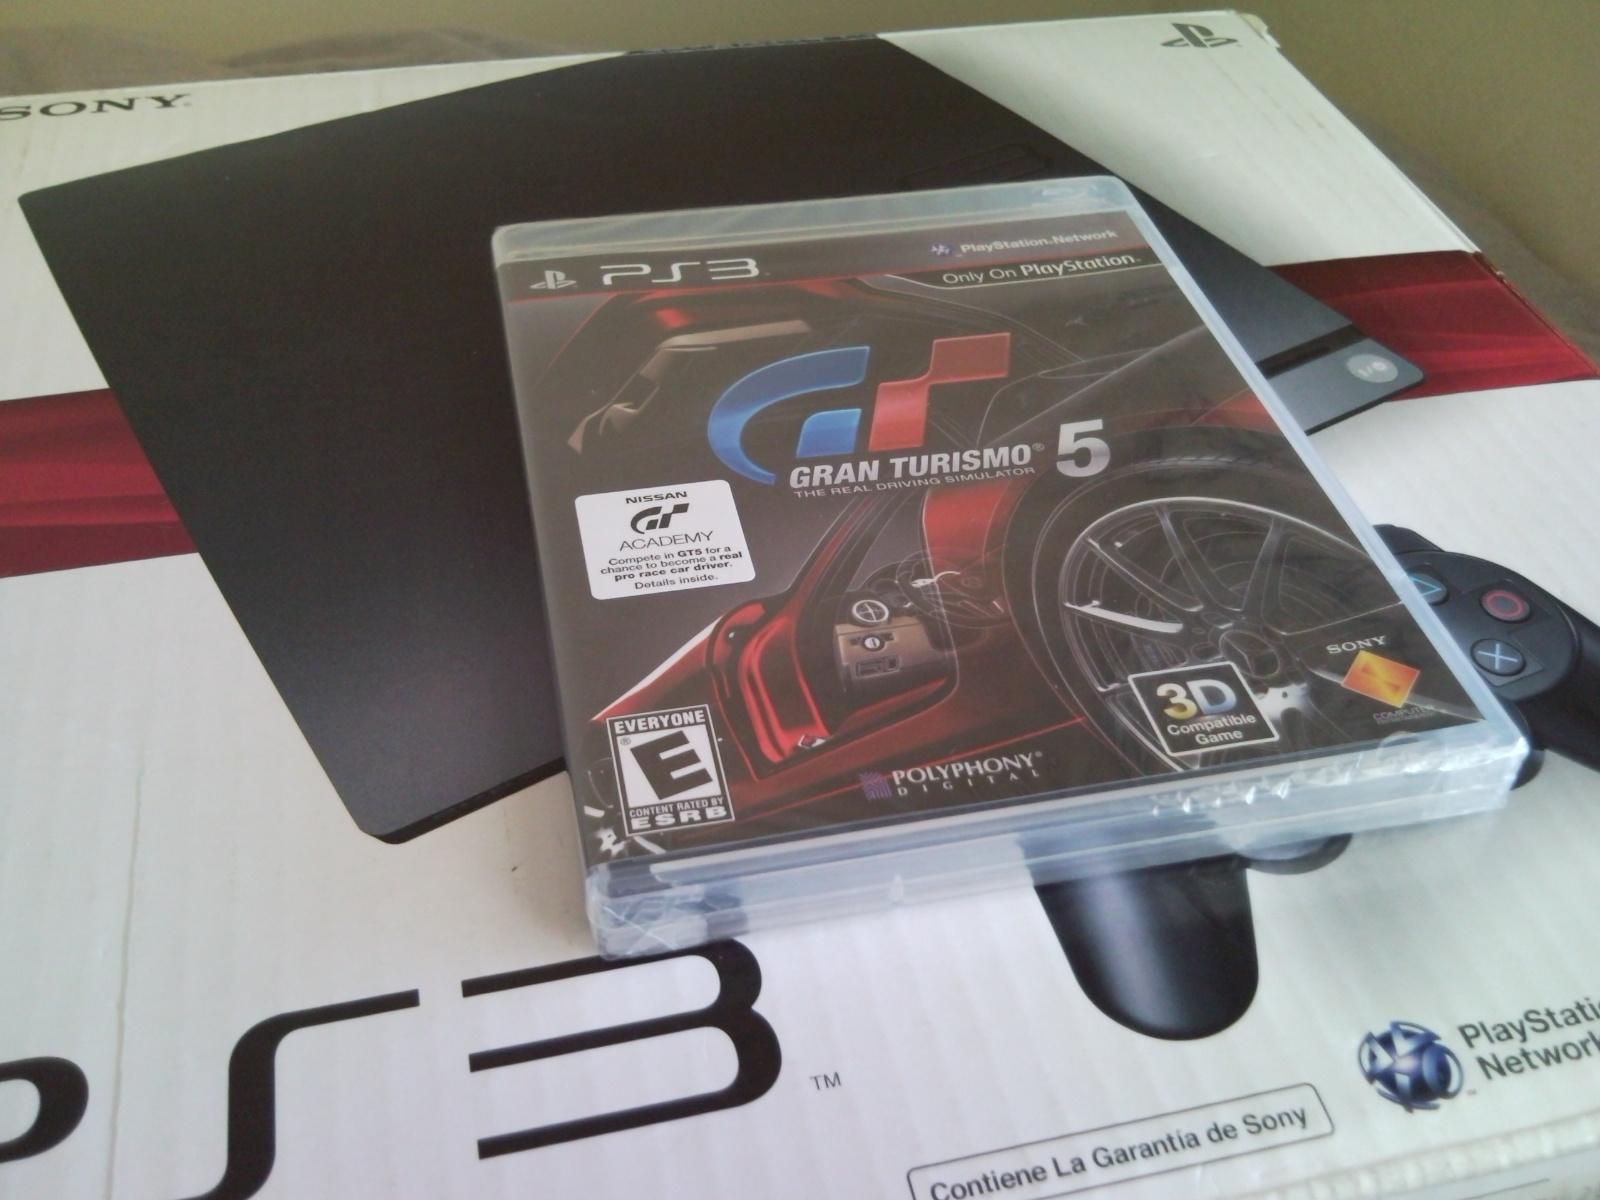 Gran Turismo 5 despacha 6,5 Millones de unidades al mercado [Cifras]